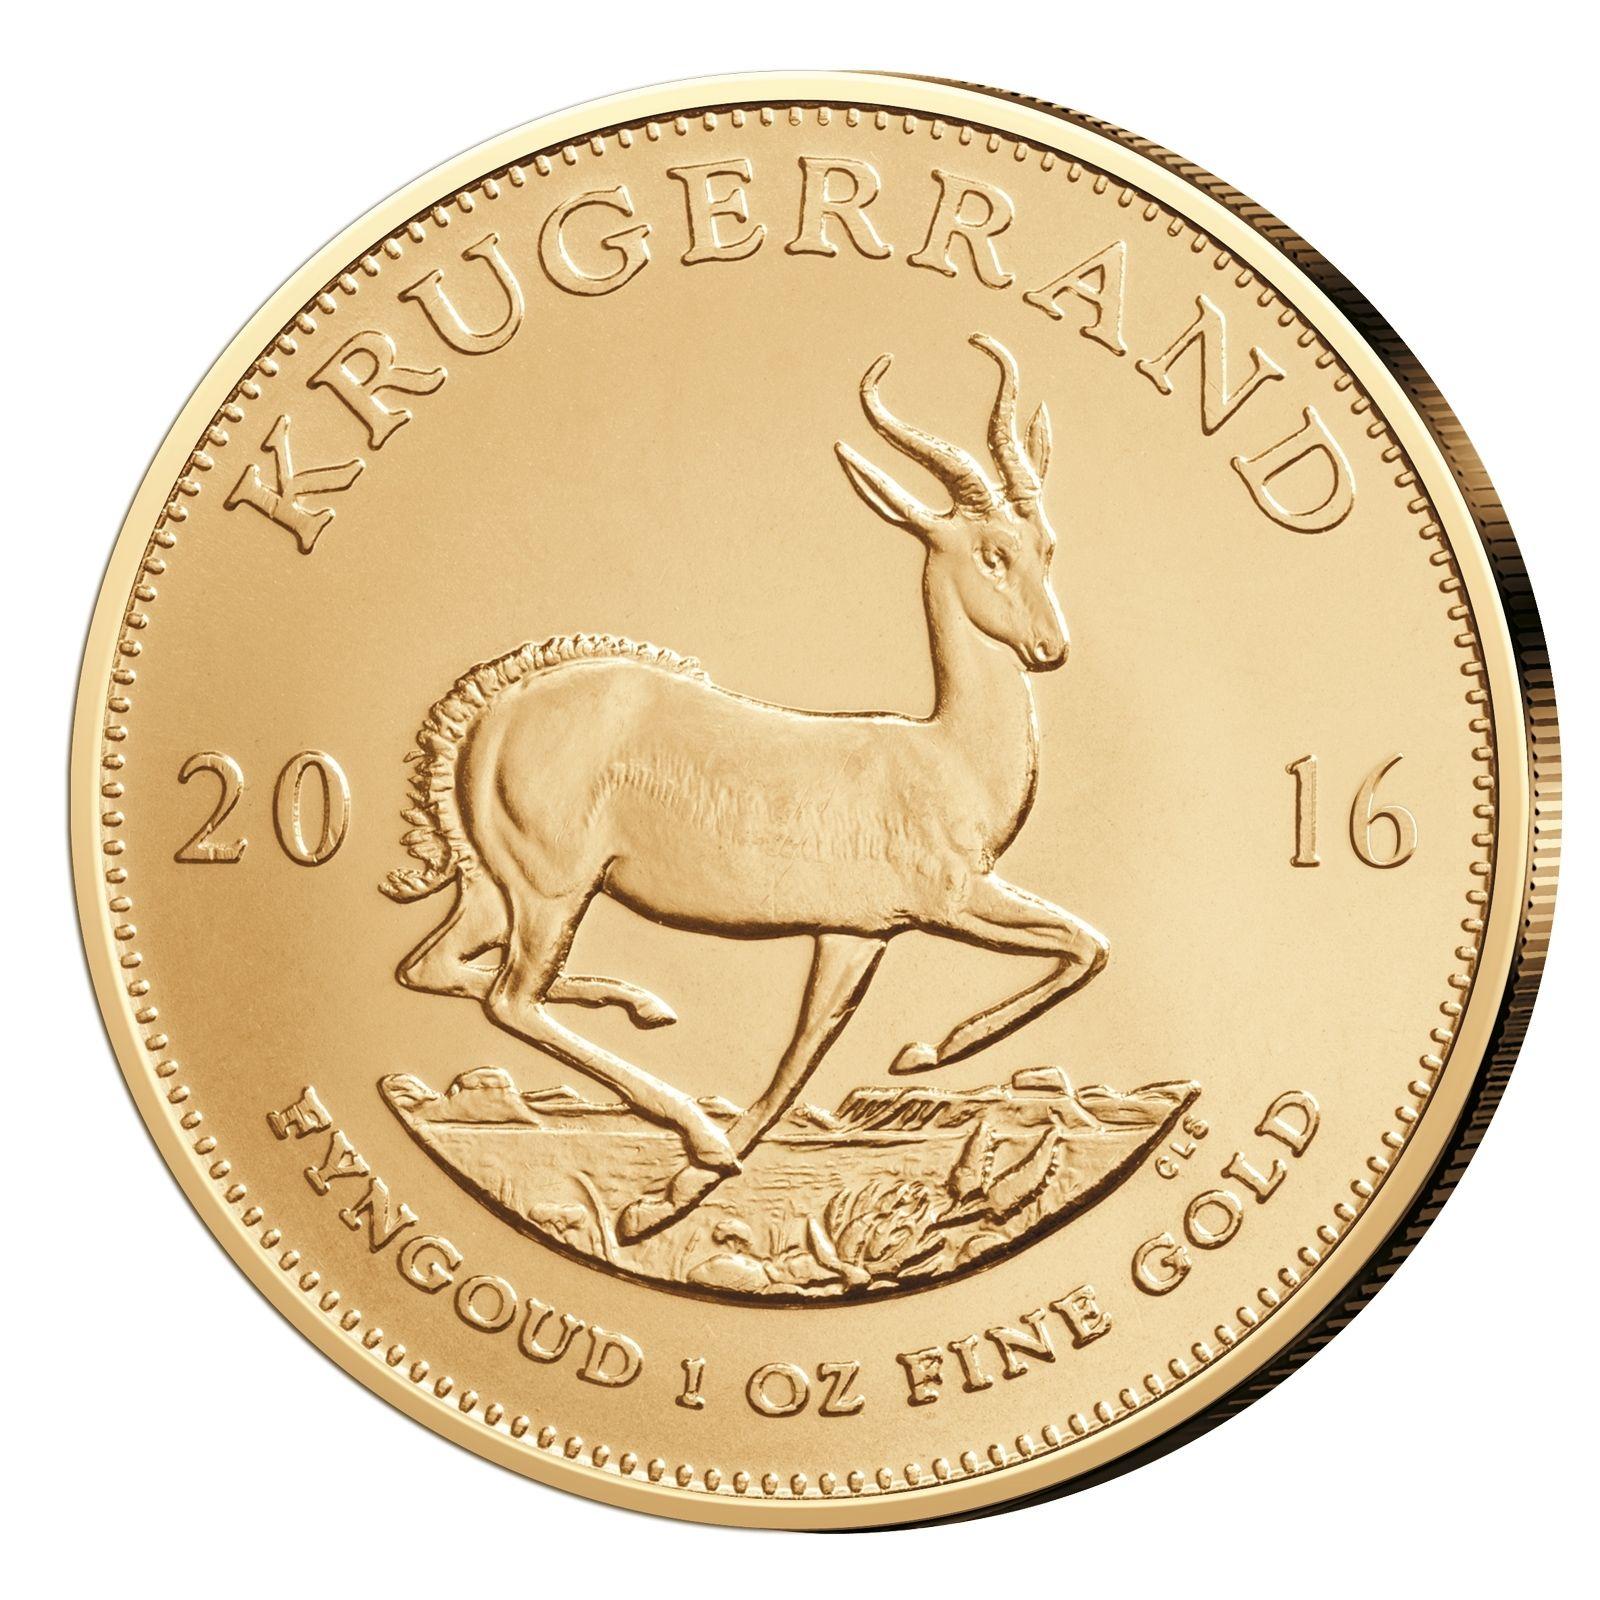 1oz Krügerrand 2016 Goldmünze zum aktuellen Gold-Kurs @ebay